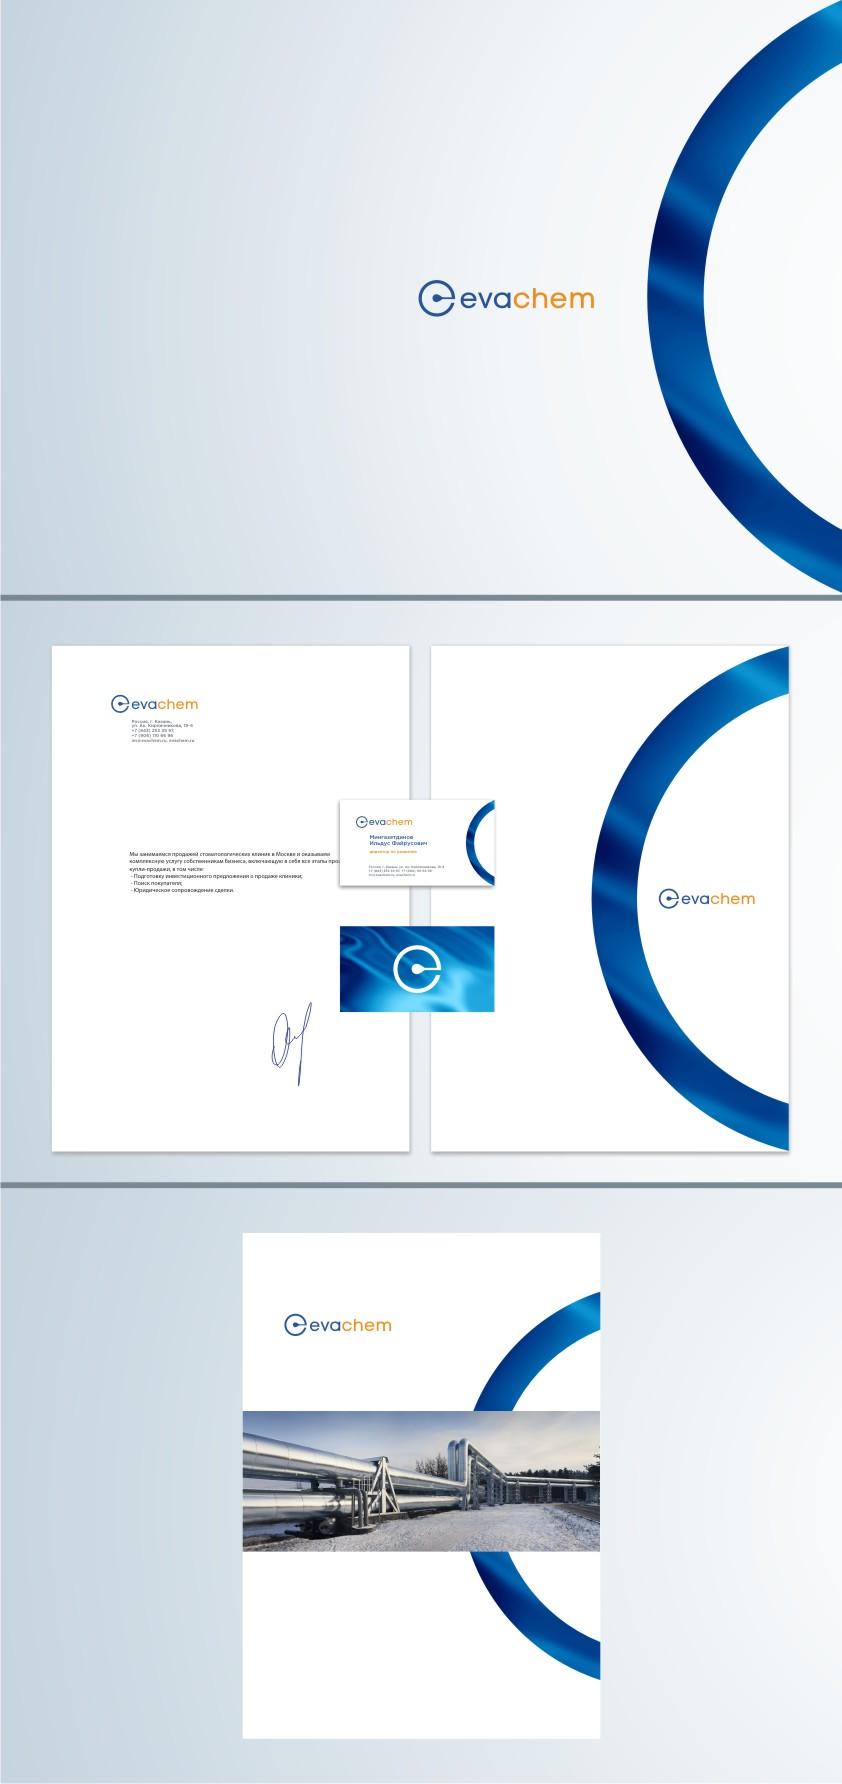 Разработка логотипа и фирменного стиля компании фото f_562573495e838a39.jpg